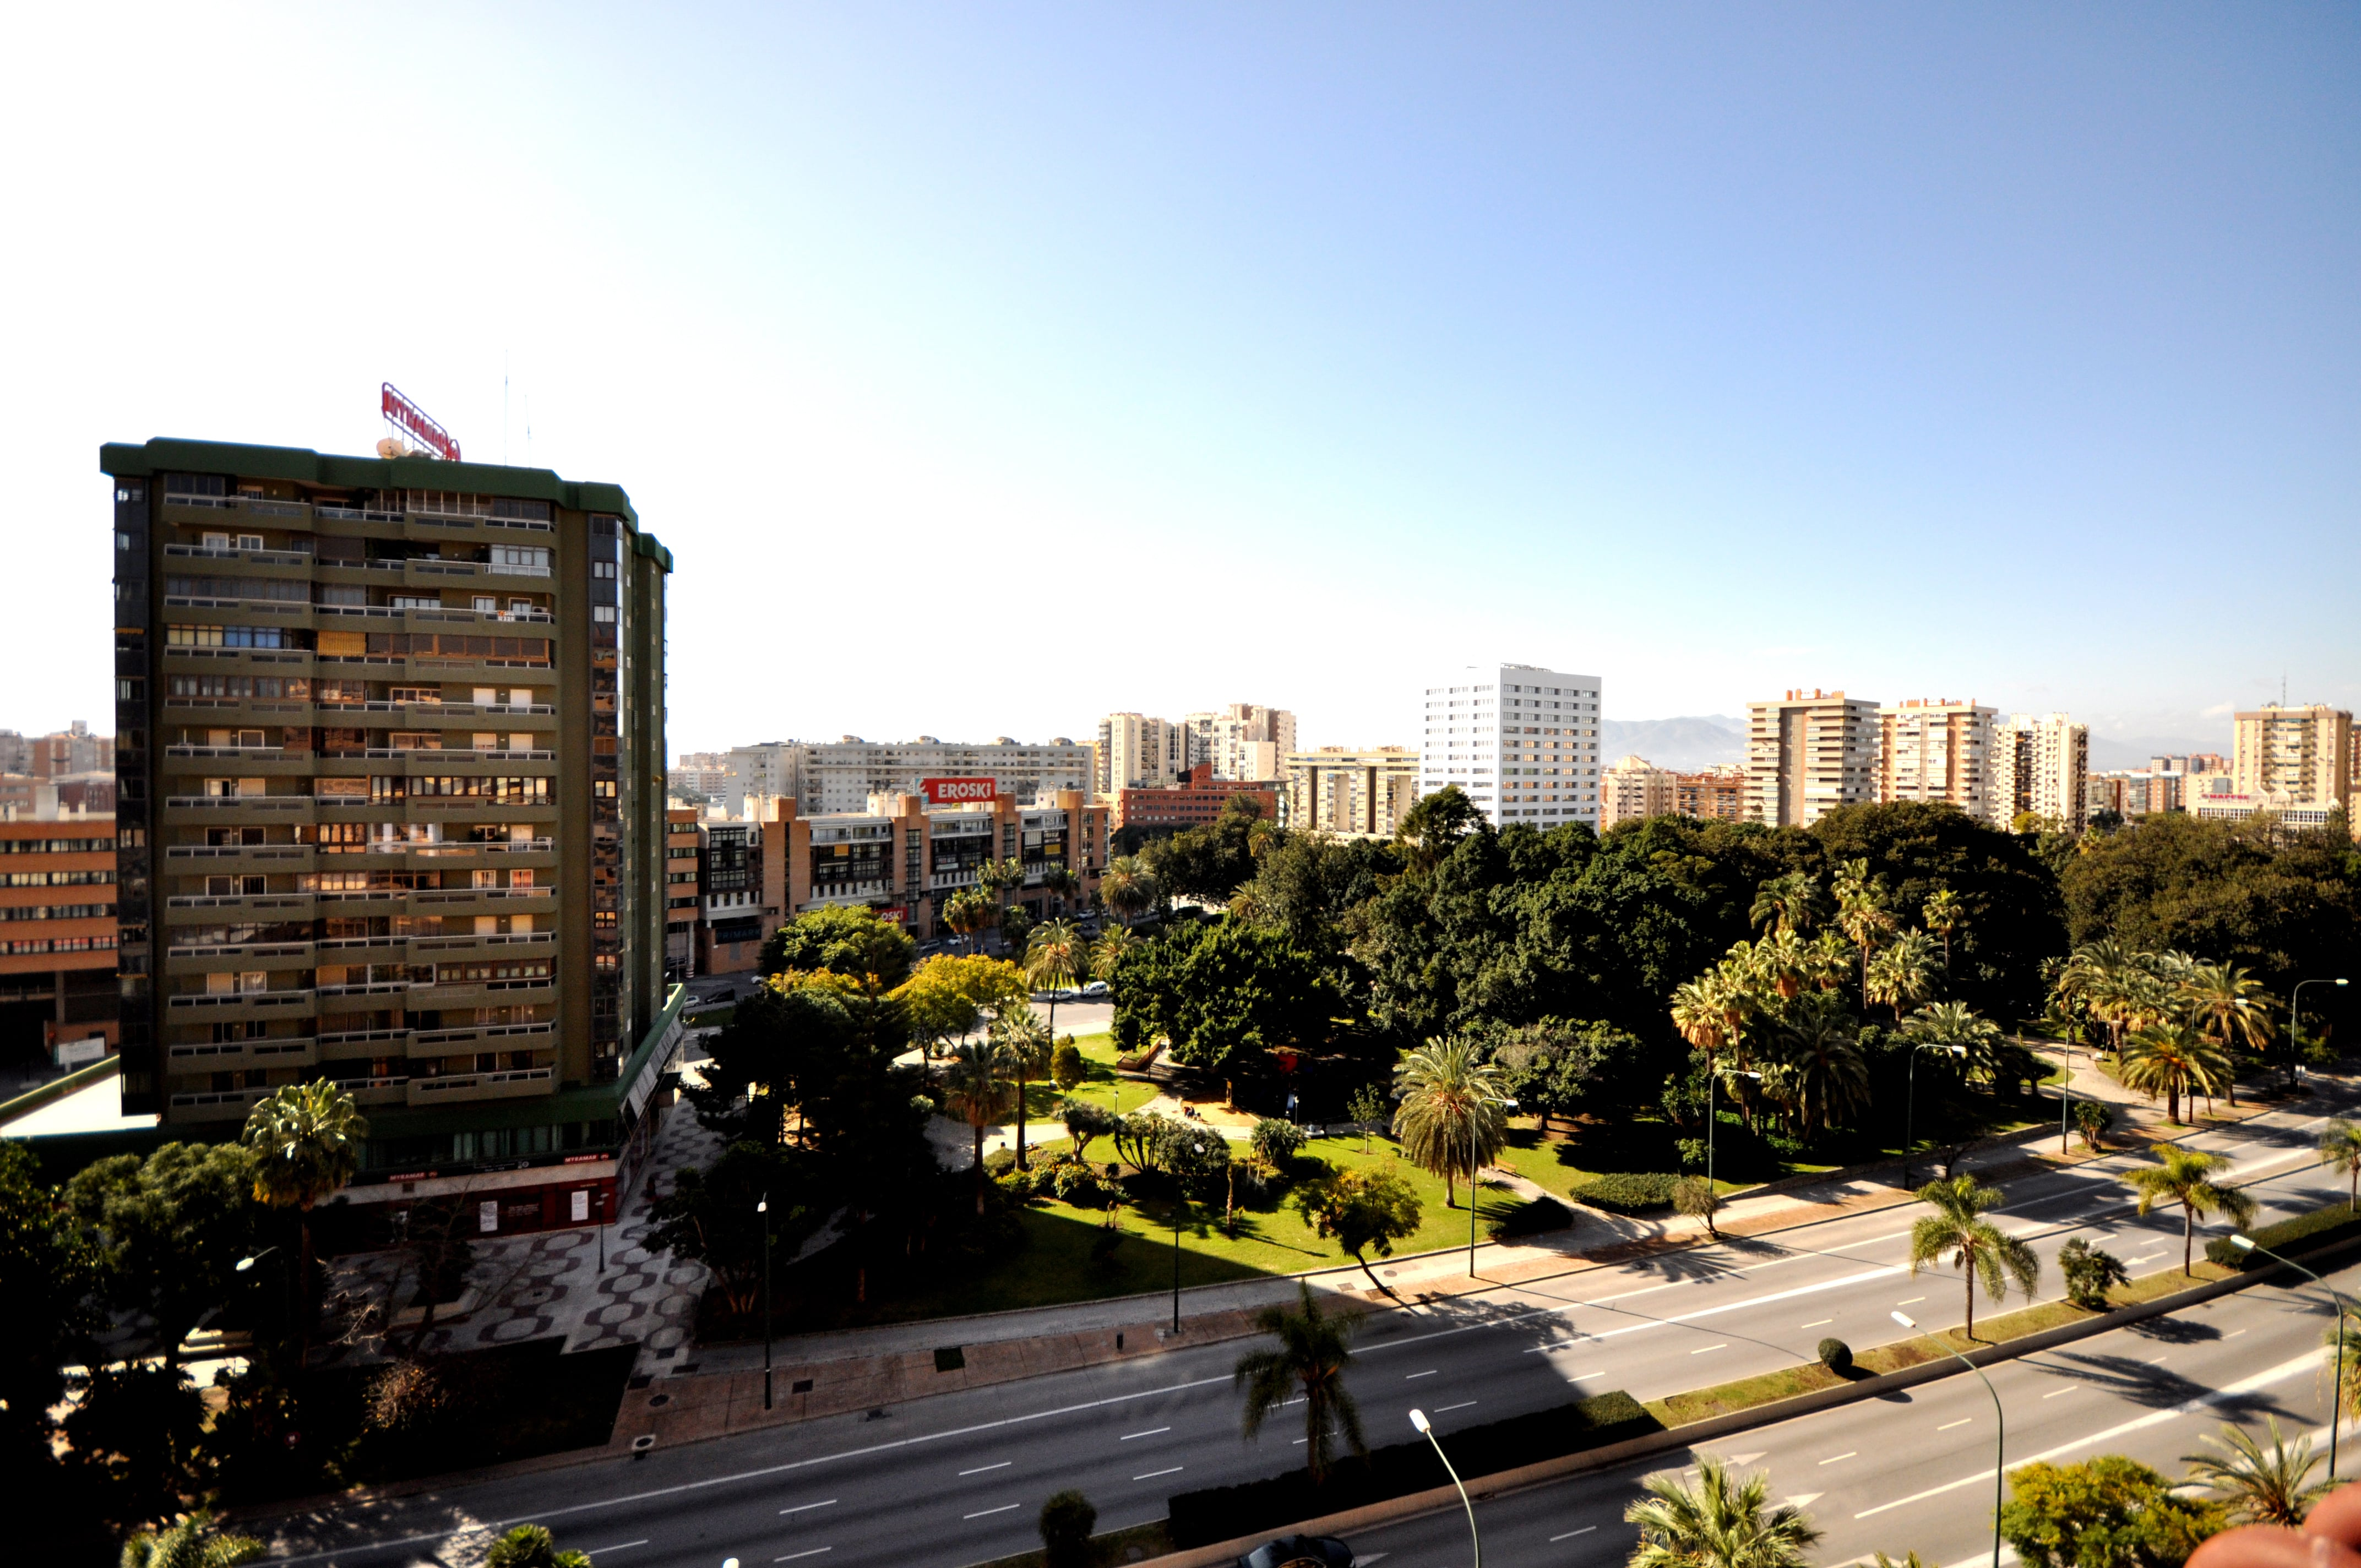 Comprar piso en avenida de andalucia m laga unicasa home for Compro piso en sanxenxo